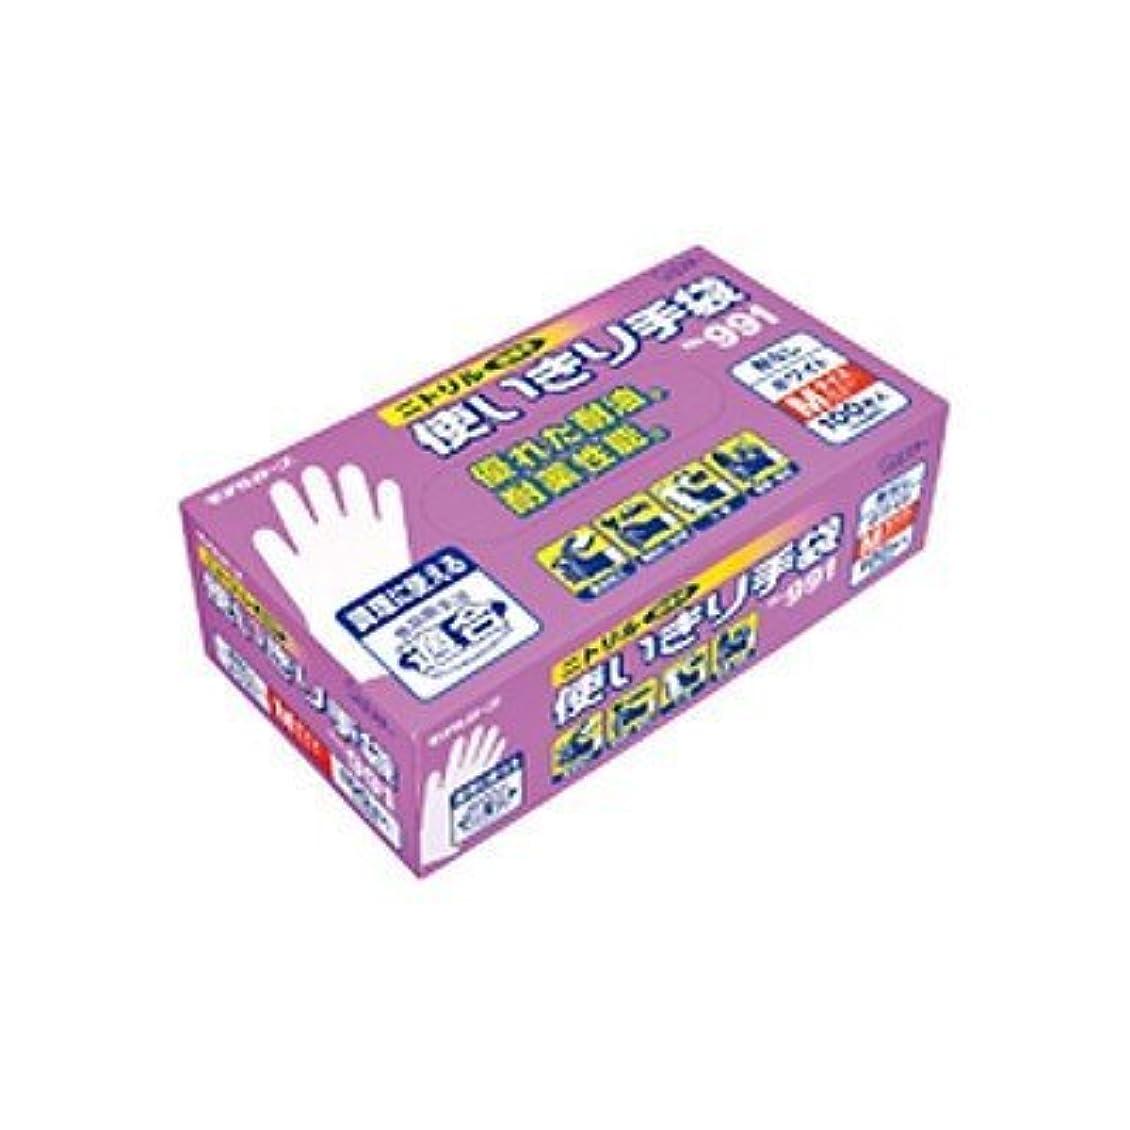 デコレーション膜貨物ニトリル使いきり手袋(粉なし)No991 M 100枚 品番:754922 注文番号:62786904 メーカー:エステー